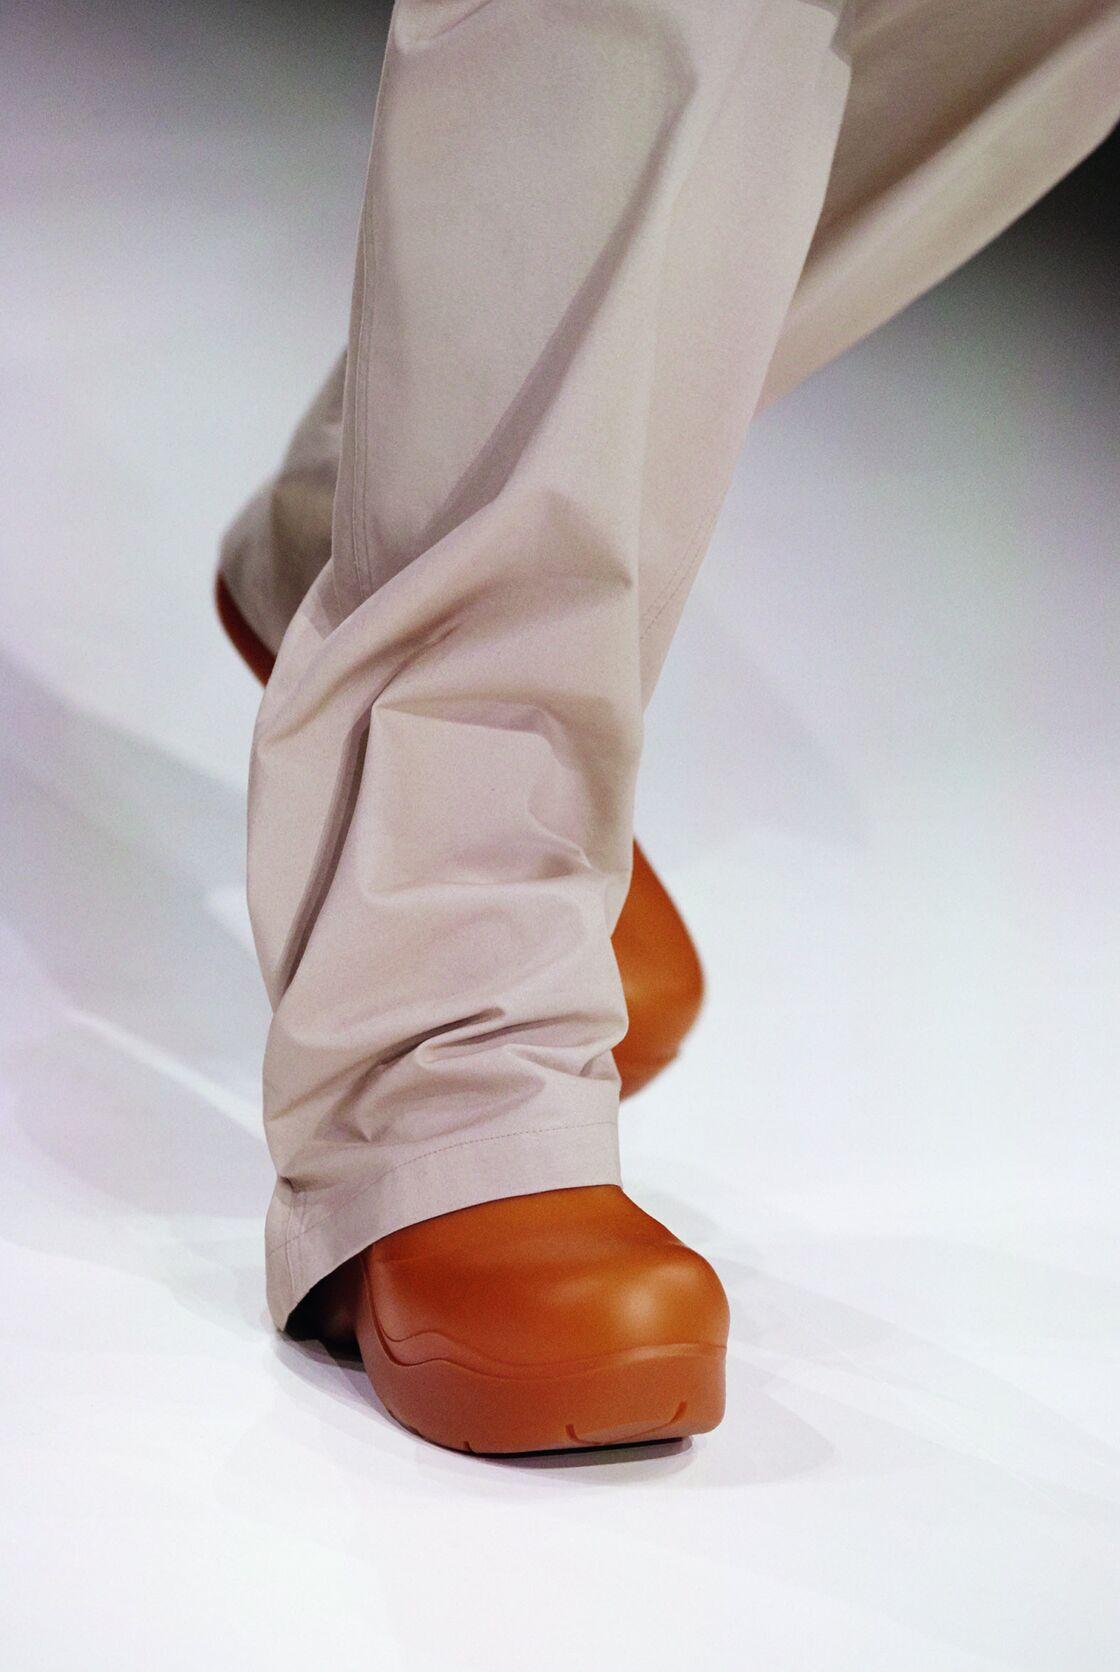 La botte de pluie est revisitée pour l'automne-hiver 2020-2021 chez Bottega Veneta